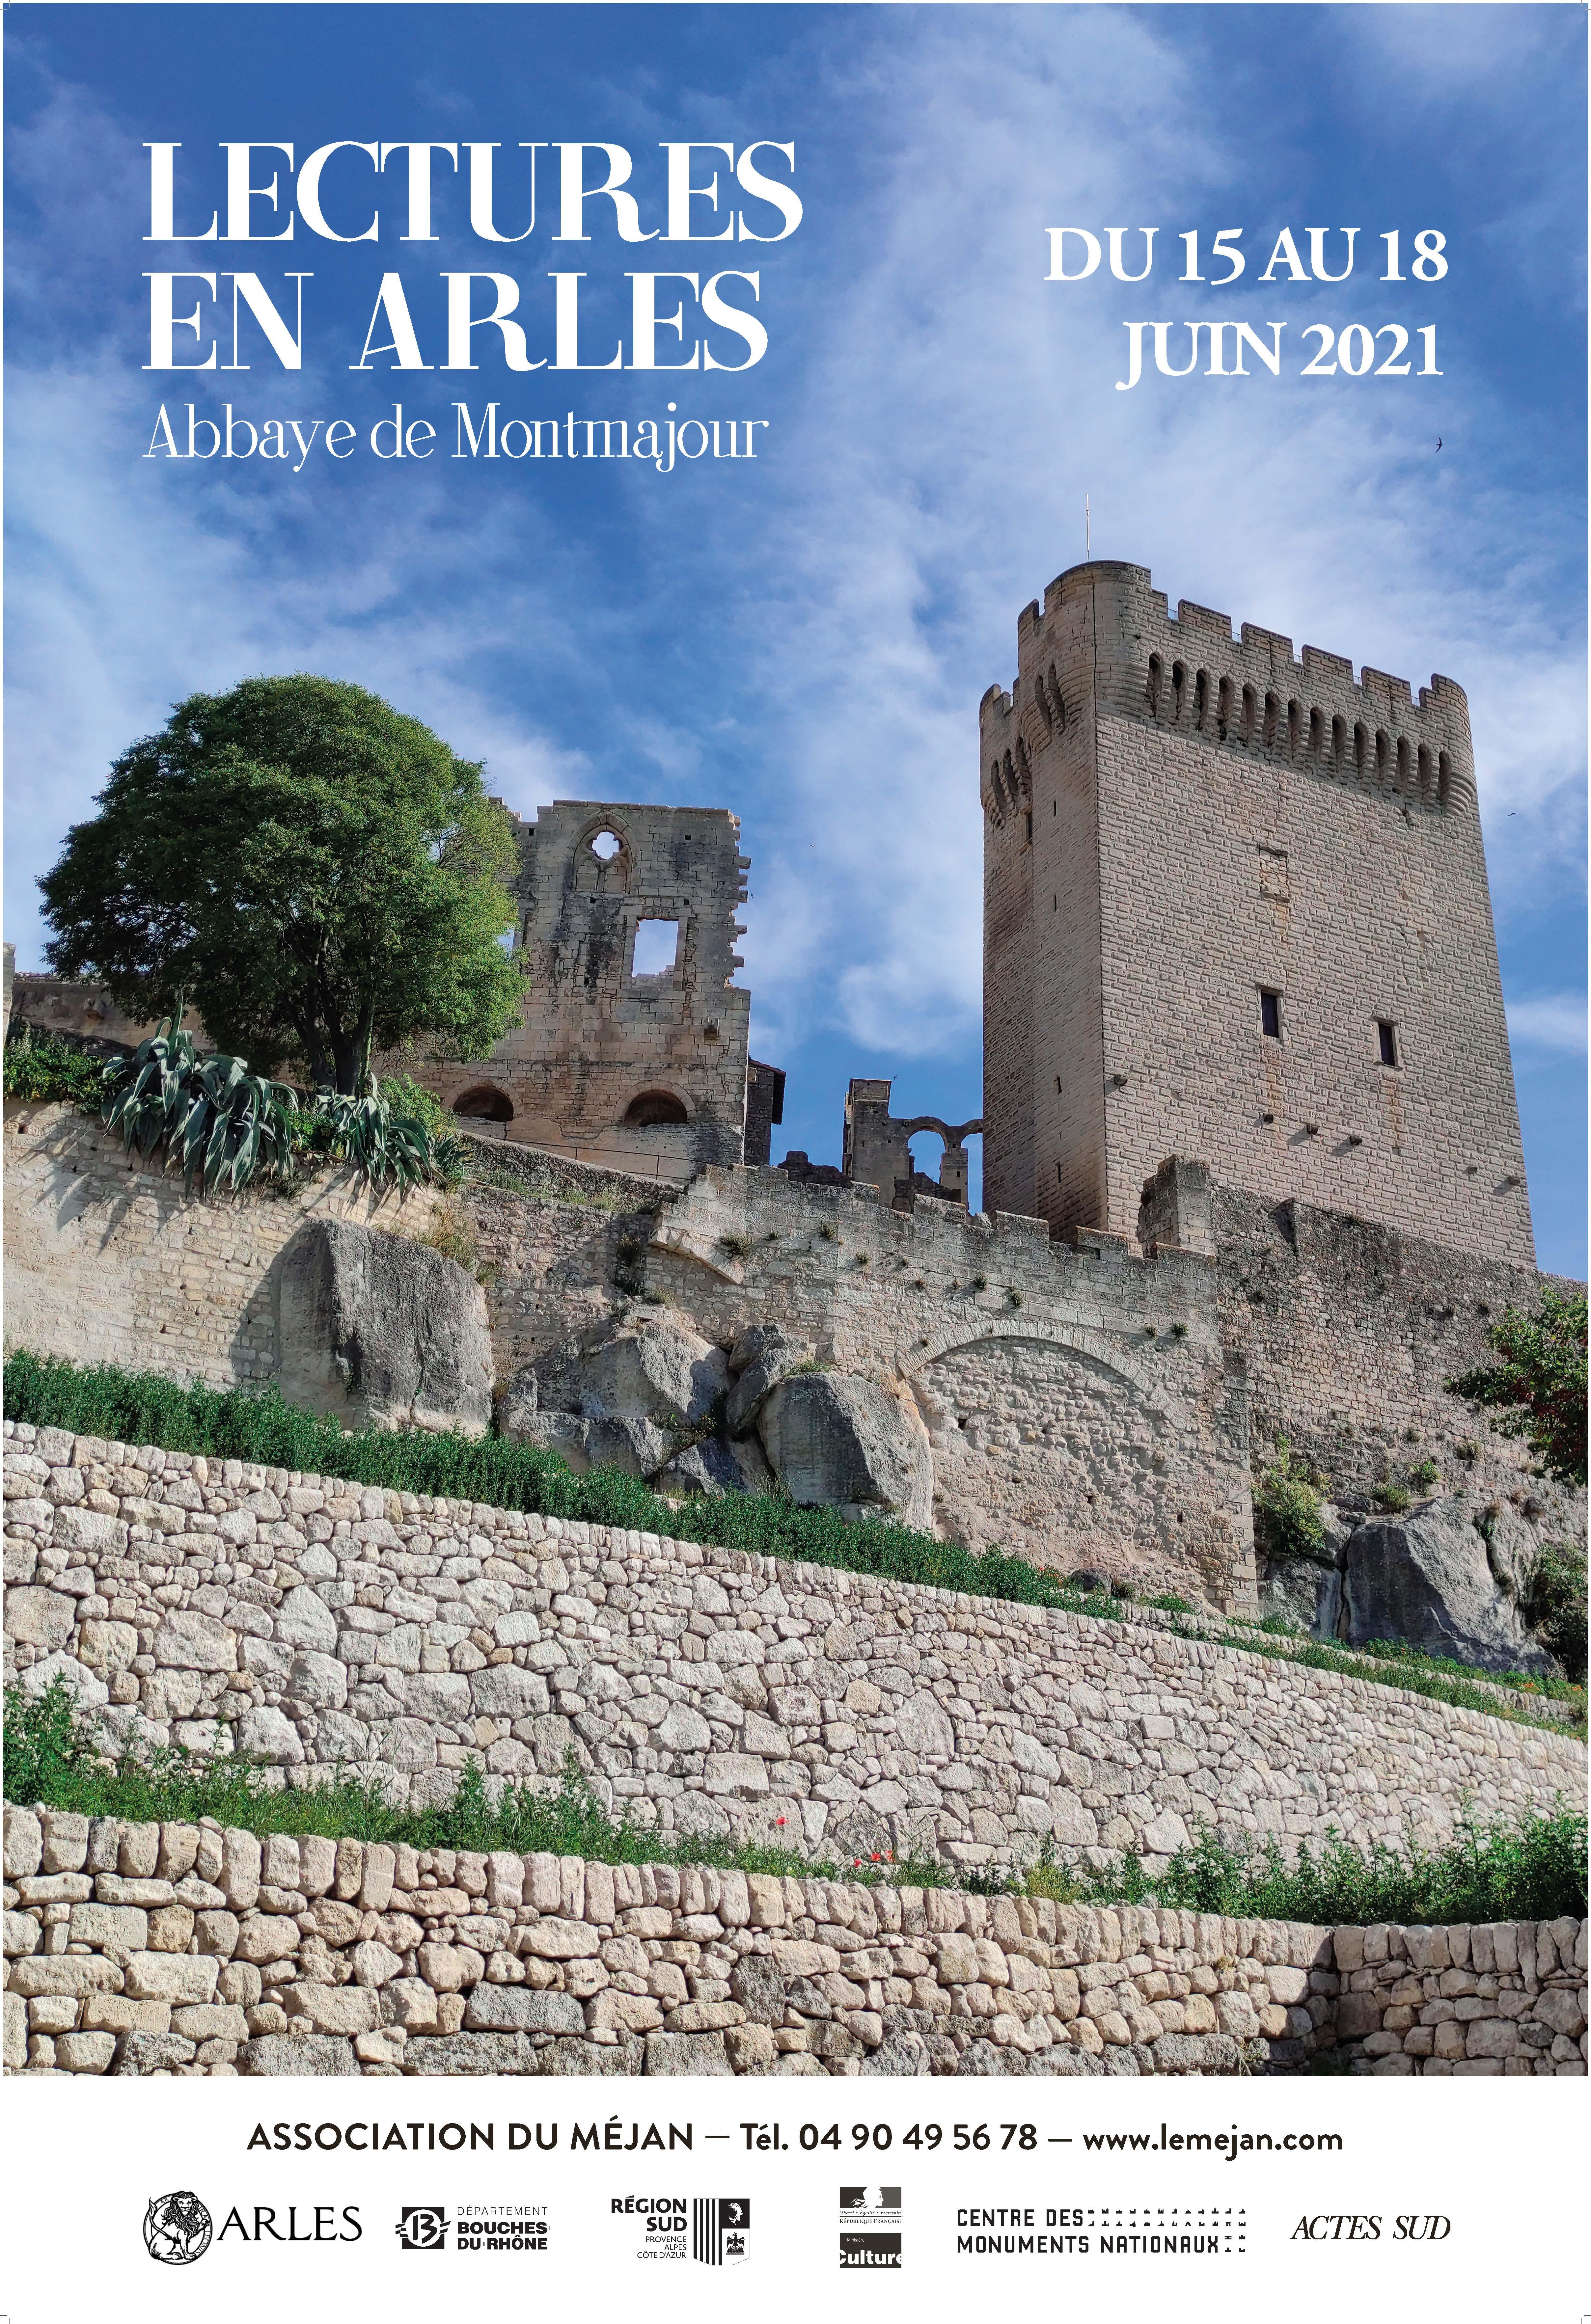 Lectures en Arles - Abbaye de Montmajour